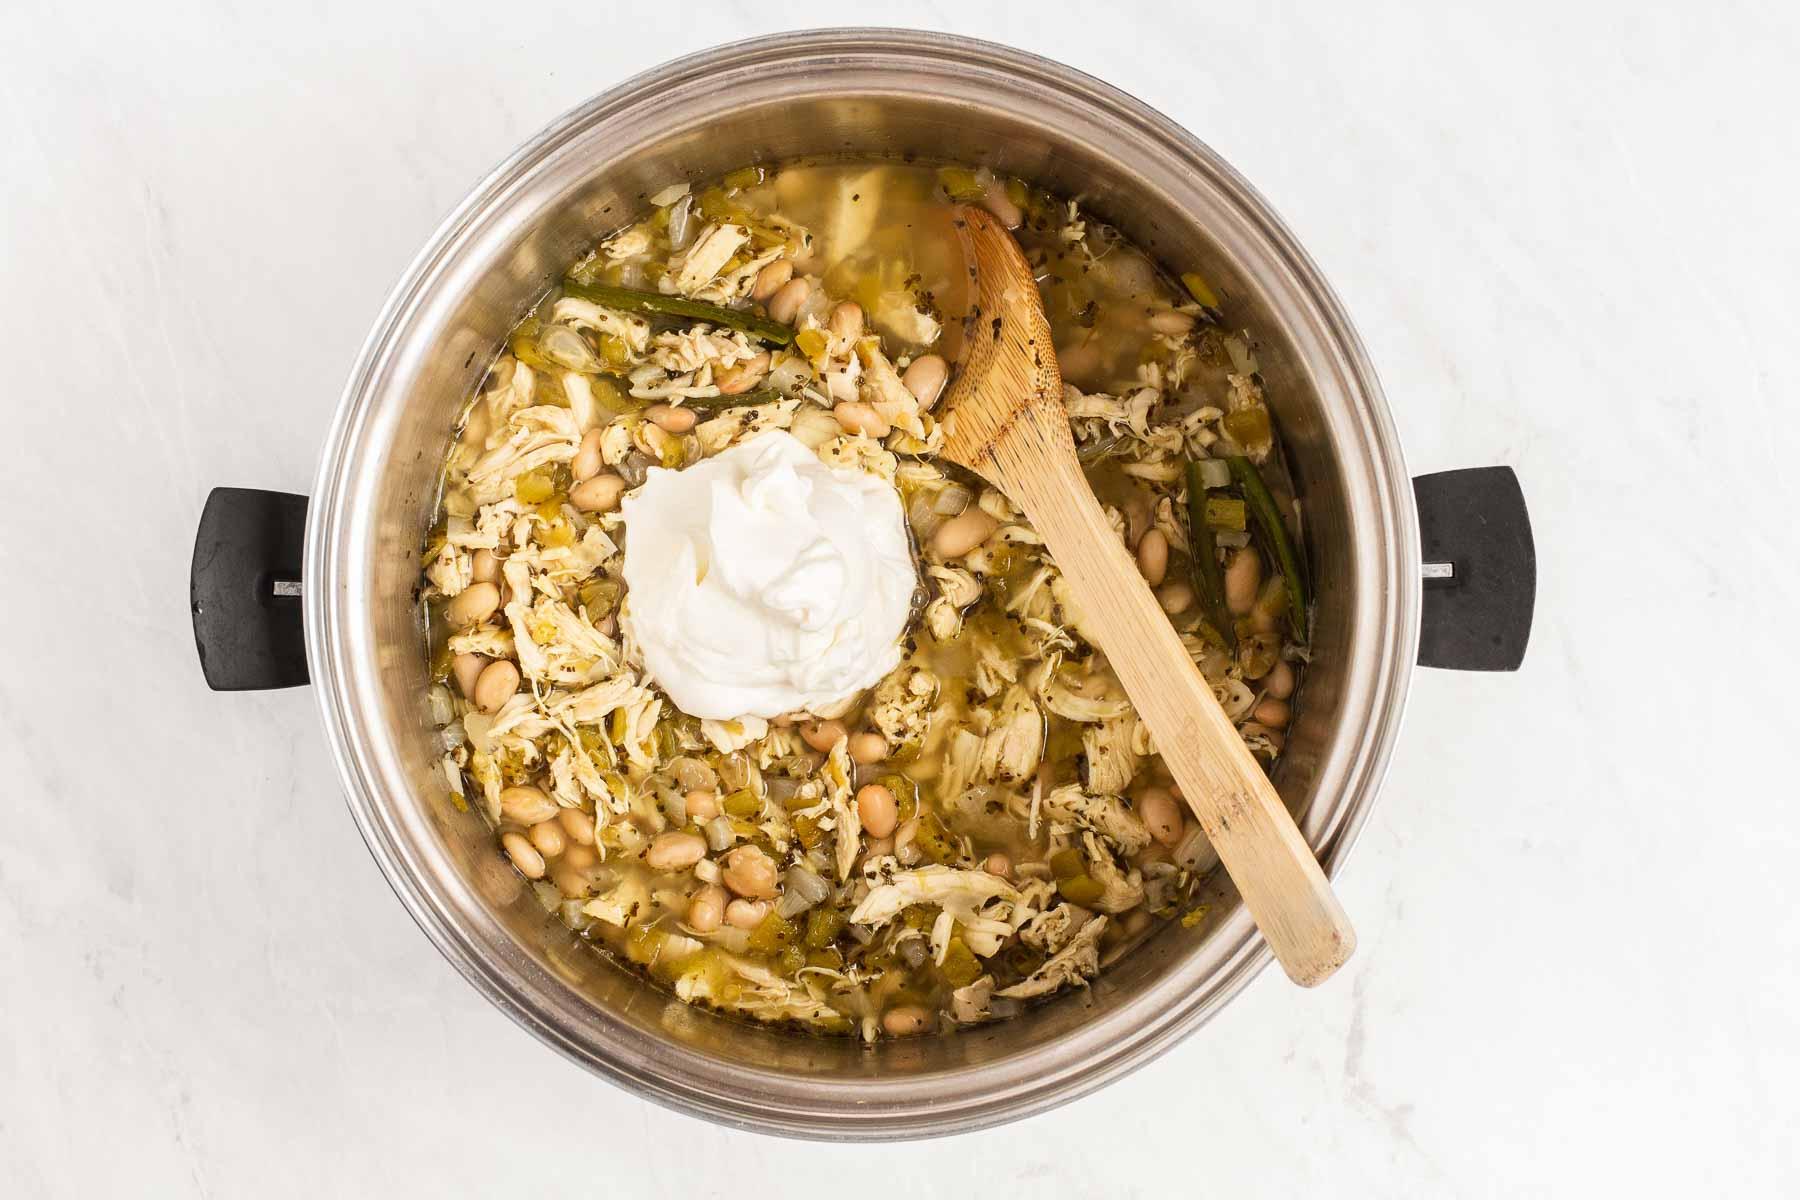 Sour cream in a pot of white chili.